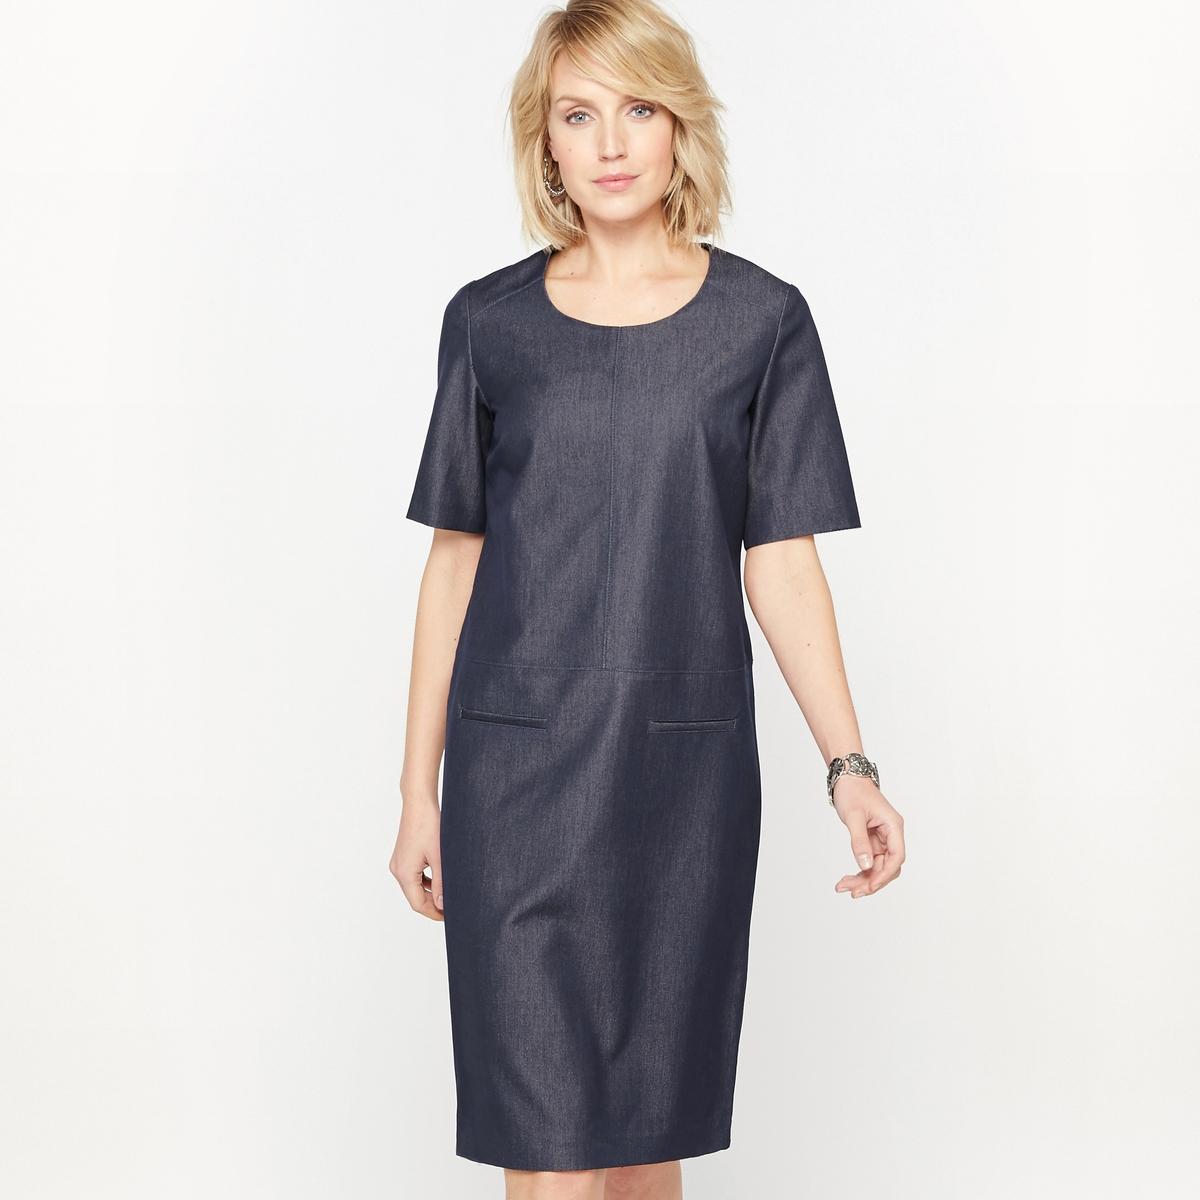 Платье прямое из саржи стрейчПрямое платье, элегантное и модное, скроенное из красивой стрейчевой саржи высокого качества, обеспечивает идеальный комфорт. Круглый вырез. Отрезные детали спереди и сзади. Короткие рукава. Ложные прорезные карманы. Молния сзади.Состав и описание : Материал: Саржа стрейч, 78% полиэстера, 18% вискозы, 4% эластанаДлина    95 см Марка: Anne Weyburn  Уход :Машинная стирка при 30°C на умеренном режиме с одеждой подобных цветов.Стирать и гладить с изнаночной стороны..Машинная сушка запрещена..Гладить на низкой температуре.<br><br>Цвет: синий,черный<br>Размер: 42 (FR) - 48 (RUS).52 (FR) - 58 (RUS).50 (FR) - 56 (RUS).50 (FR) - 56 (RUS)